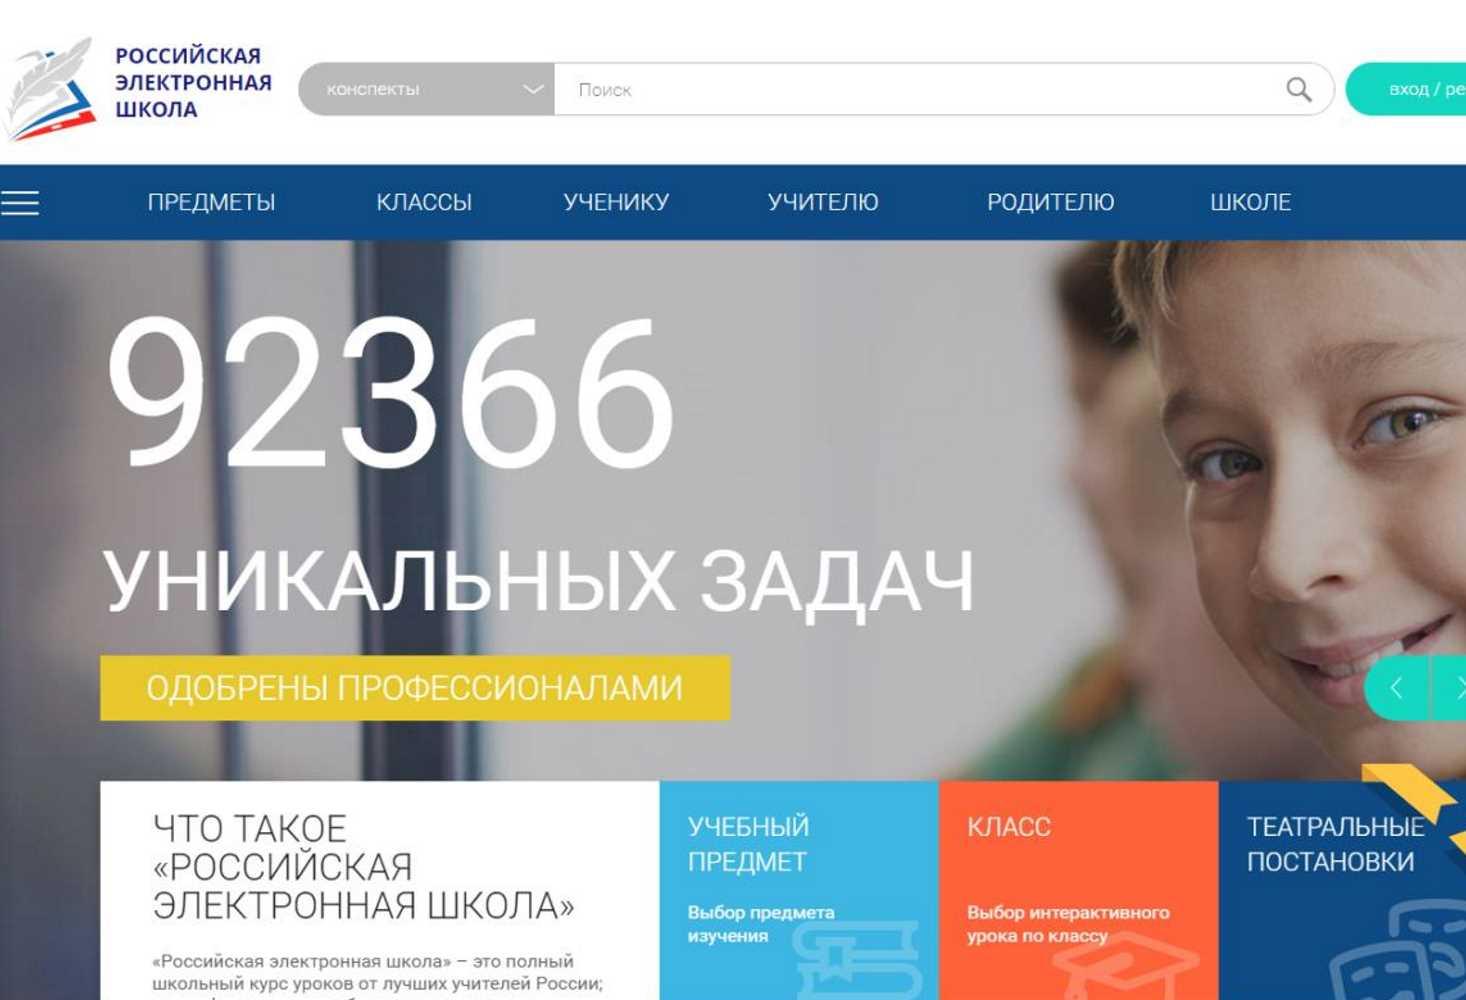 olga-vasileva-pokazala-vozmozhnosti-portala-rossijskaya-elektronnaya-shkola